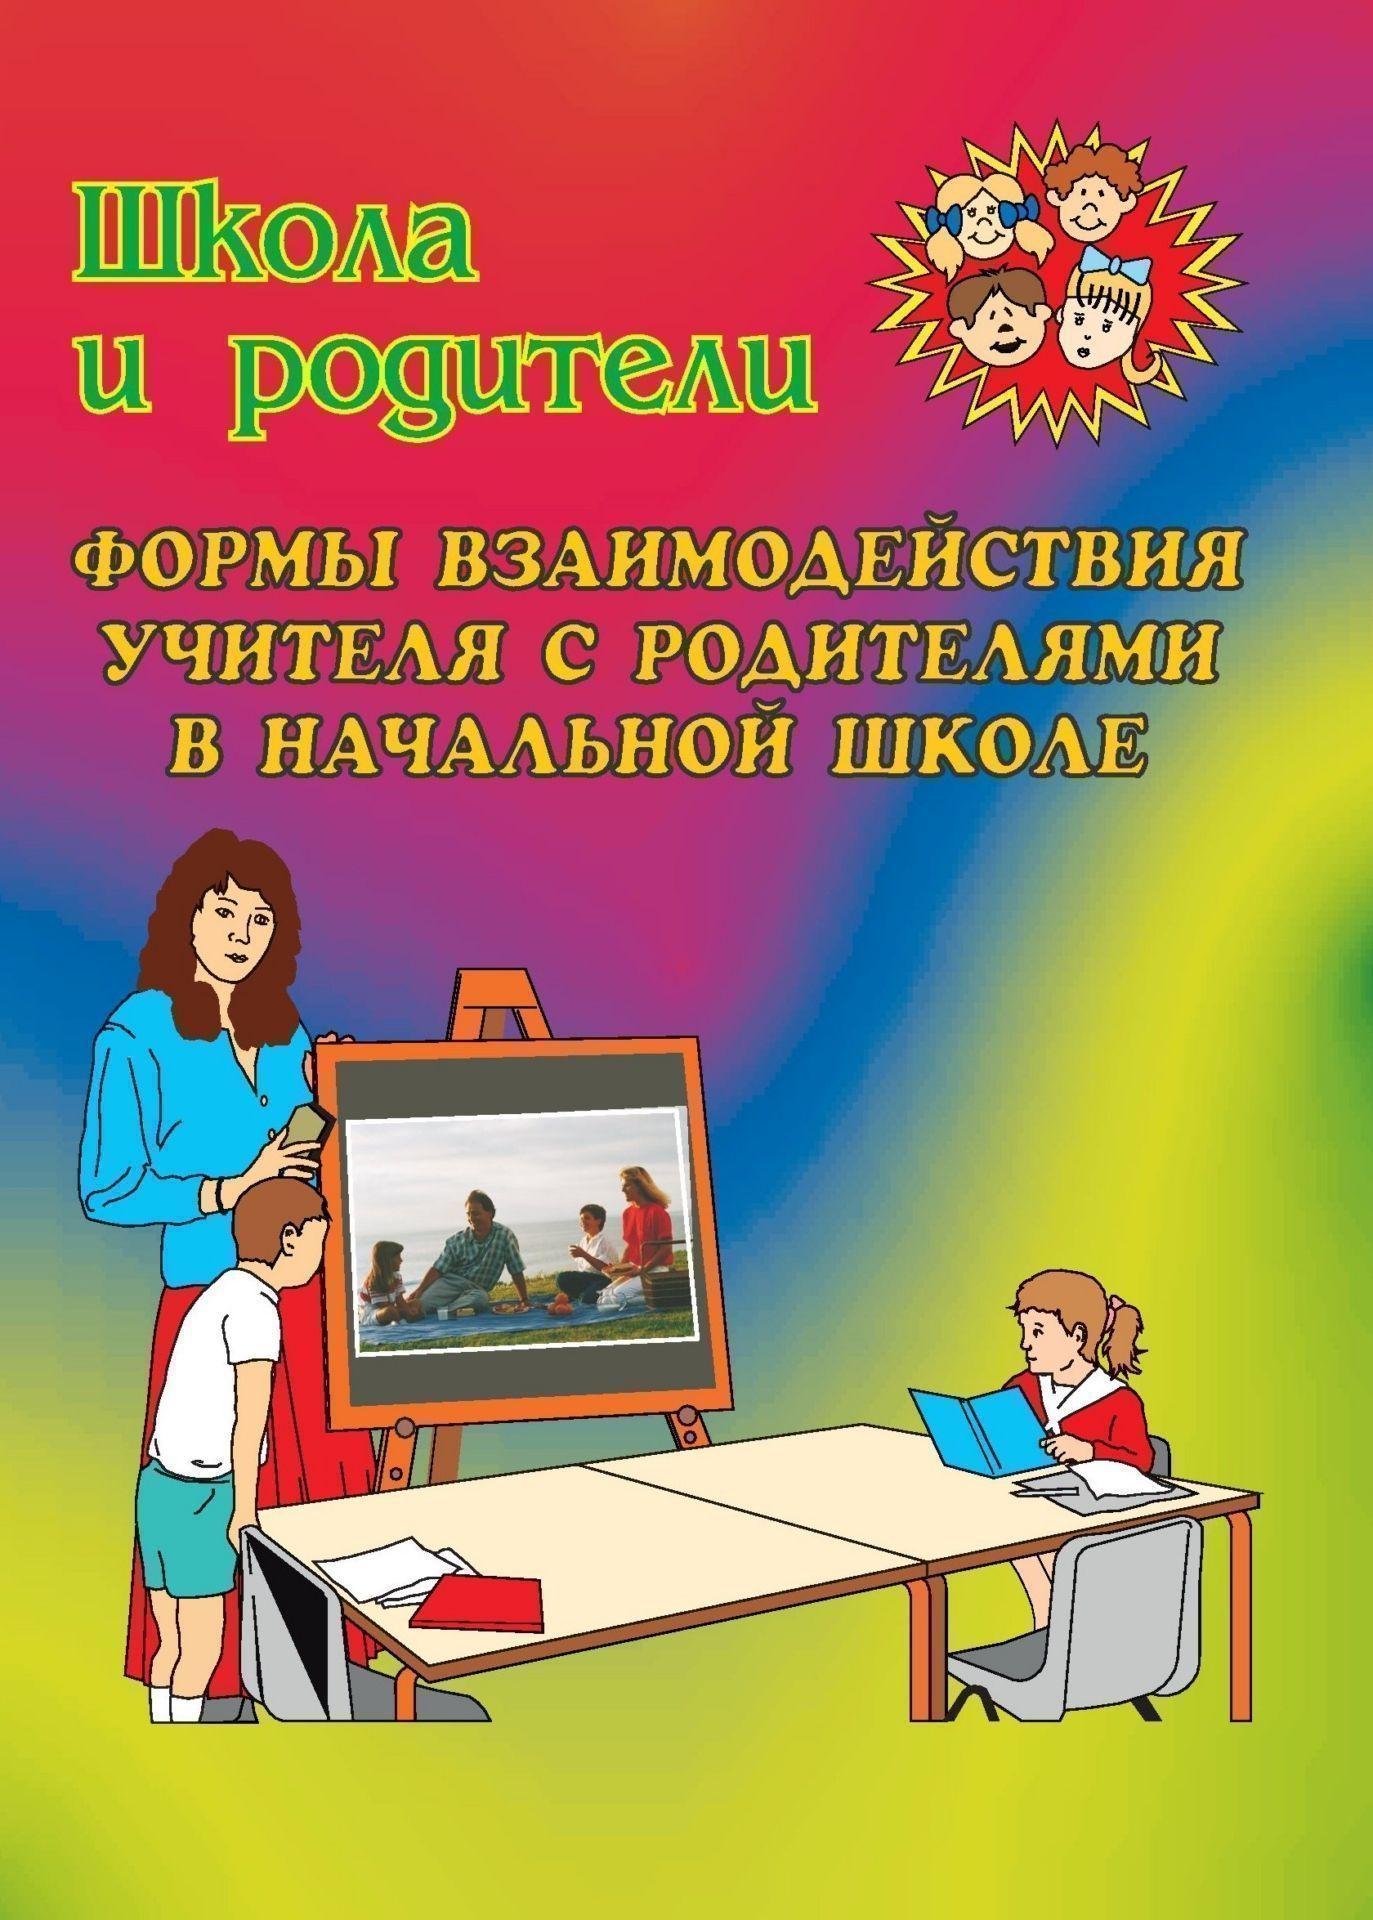 Формы взаимодействия учителя с родителями в начальной школе